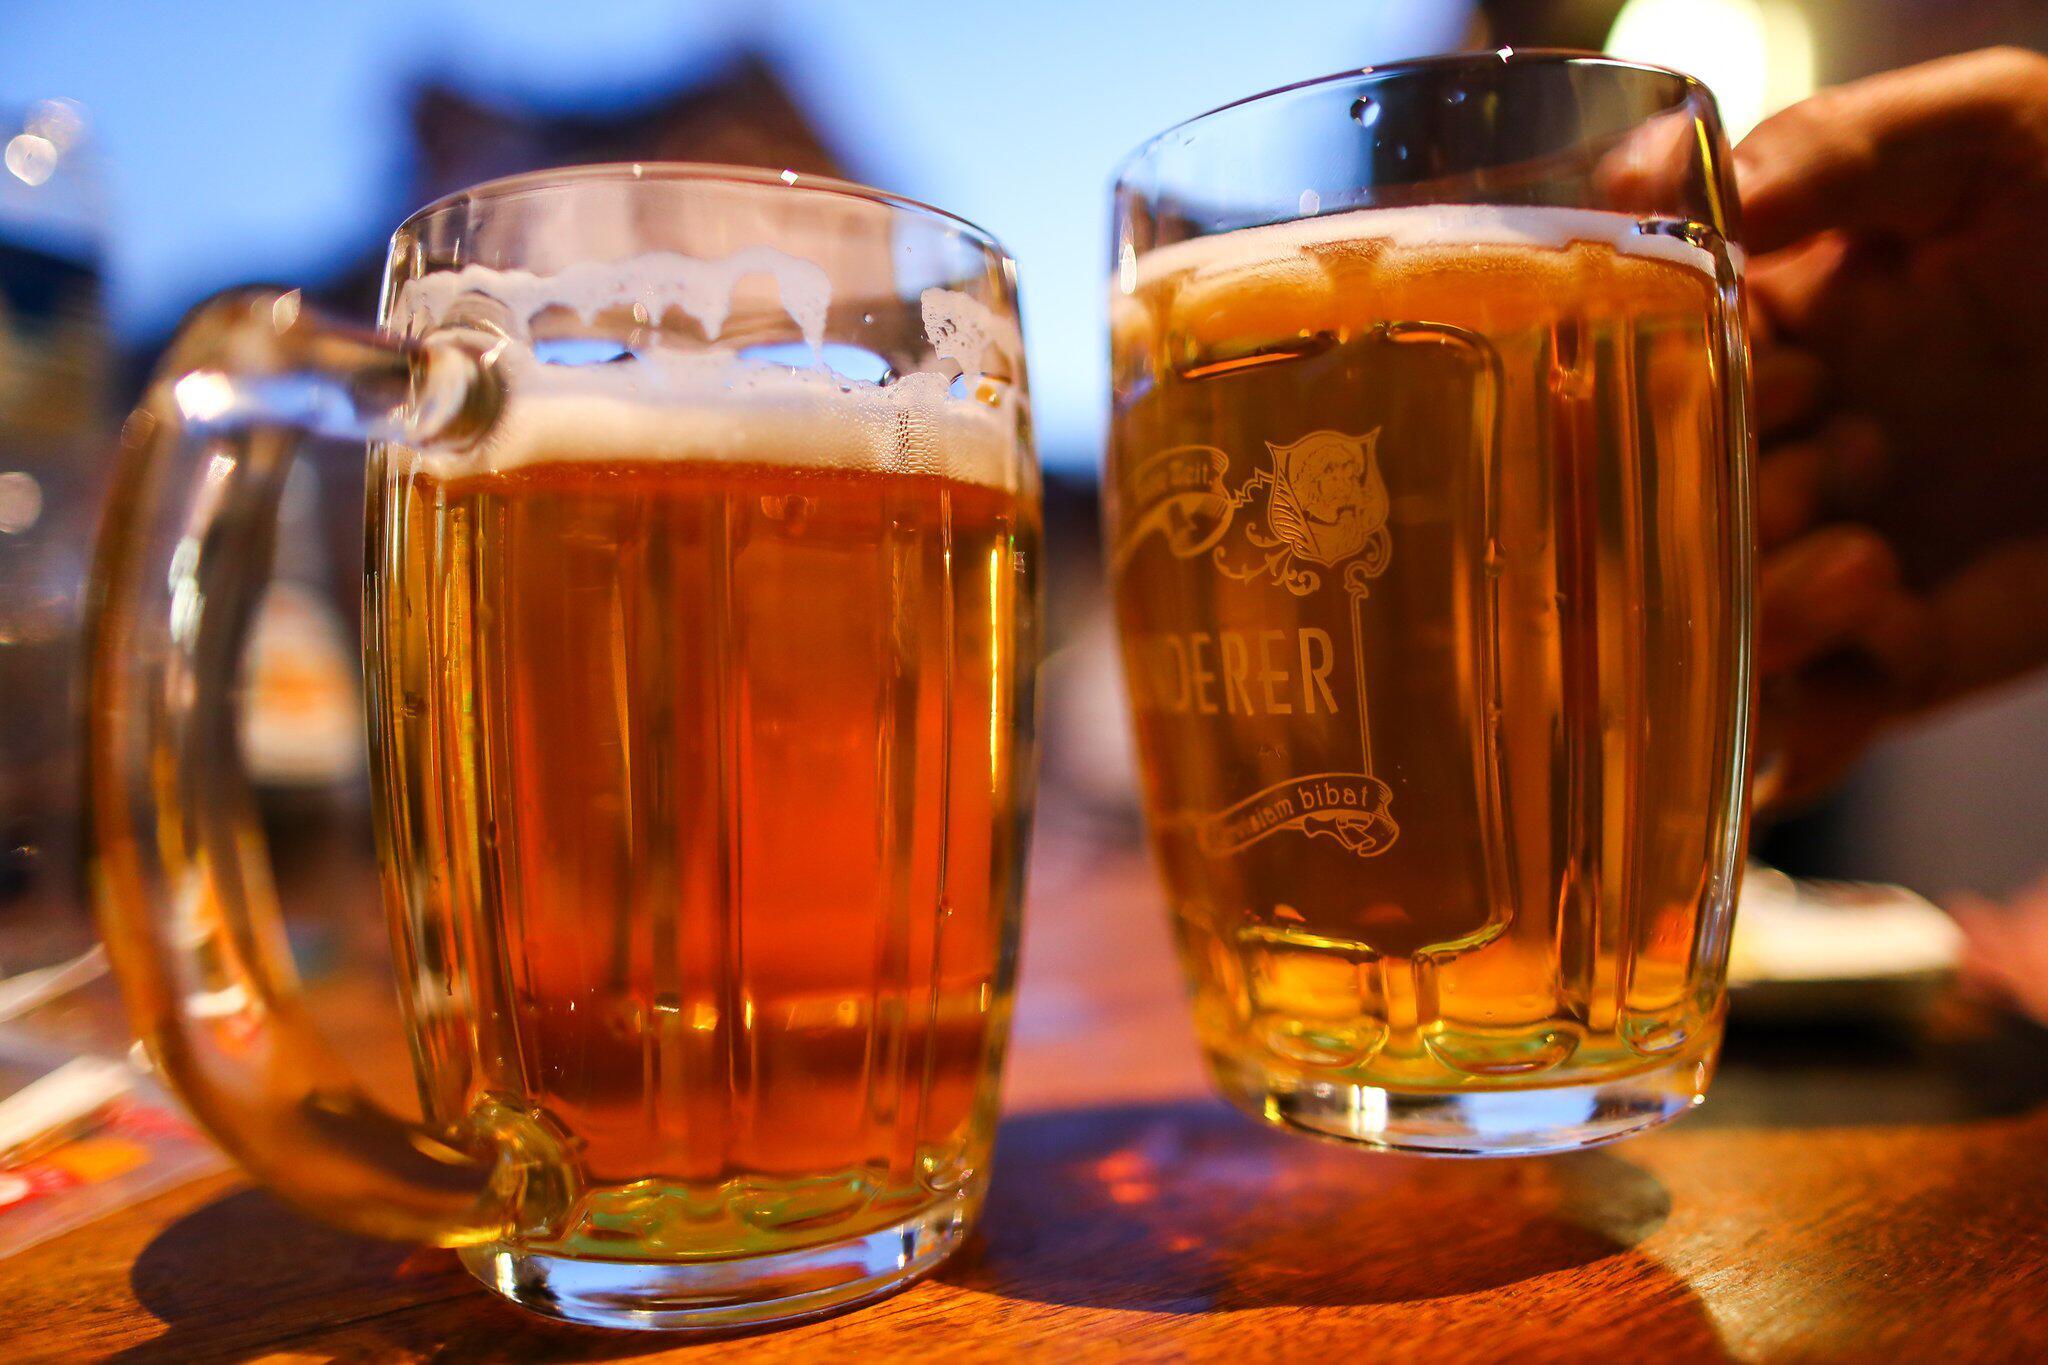 Bild zu Bier bei sommerlichen Temperaturen